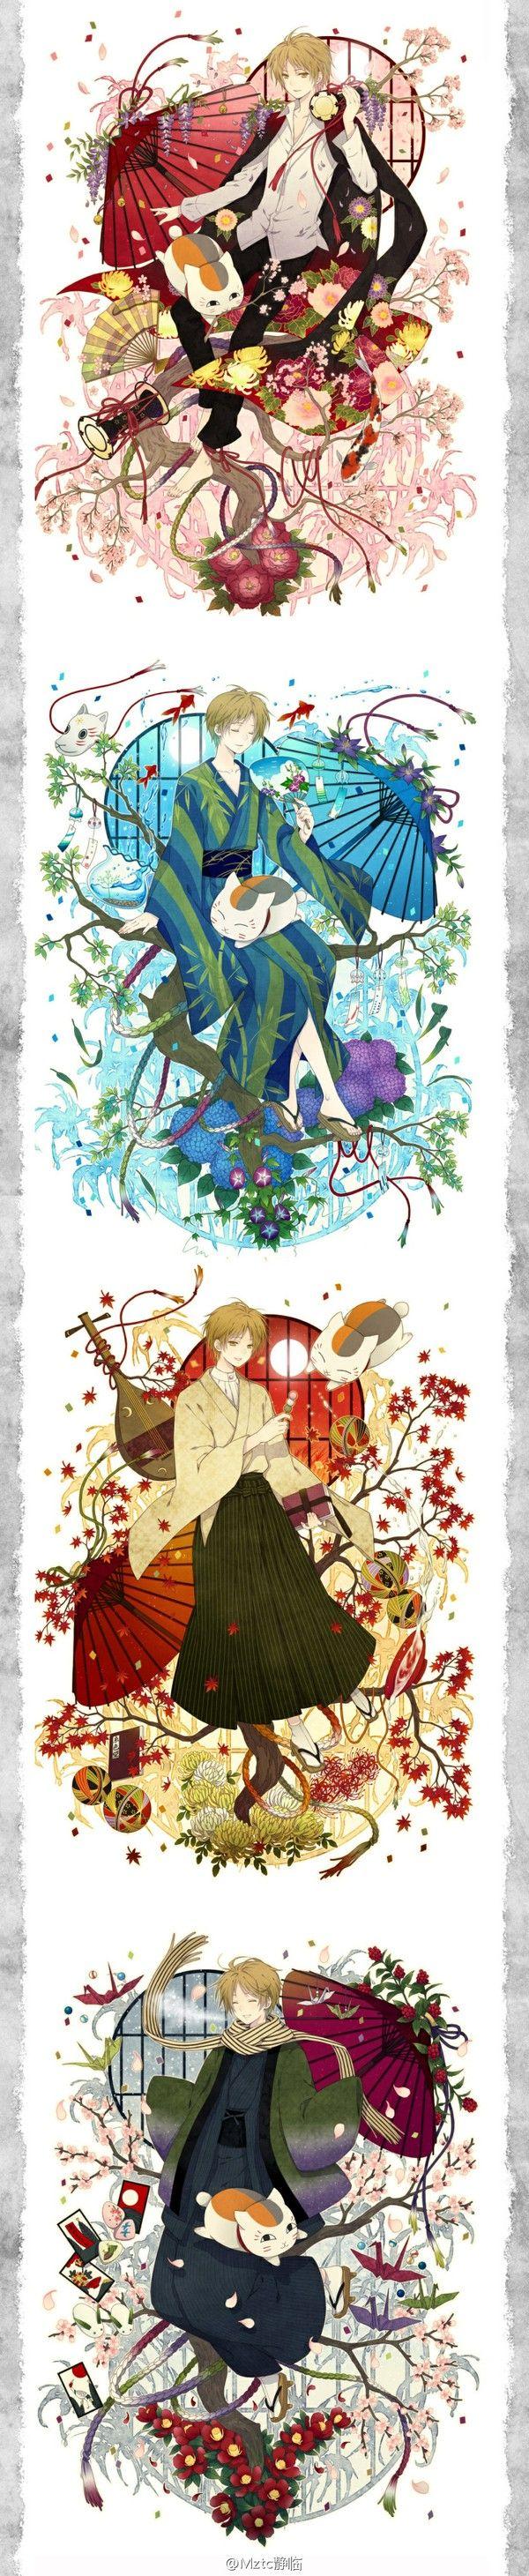 Natsume Takashi & Madara | Natsume Yuujinchou #manga